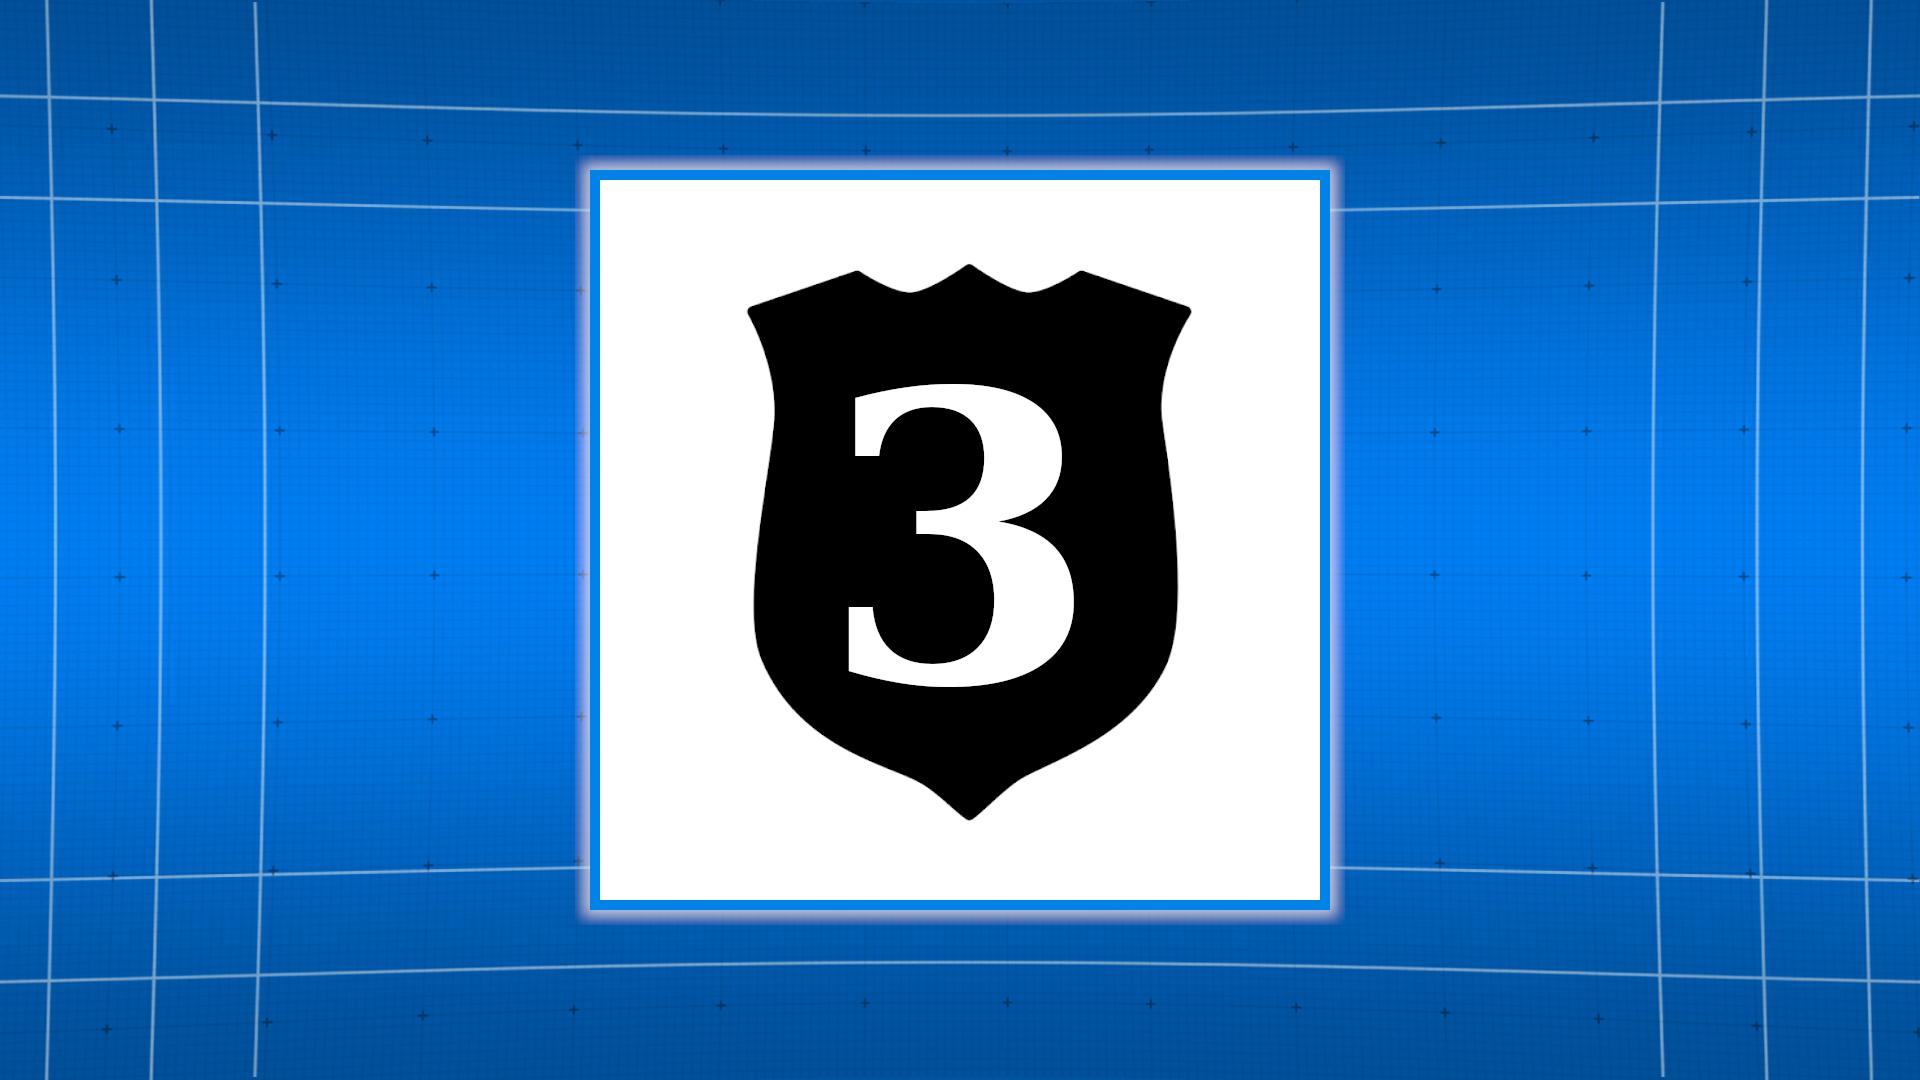 Icon for Investigator 3